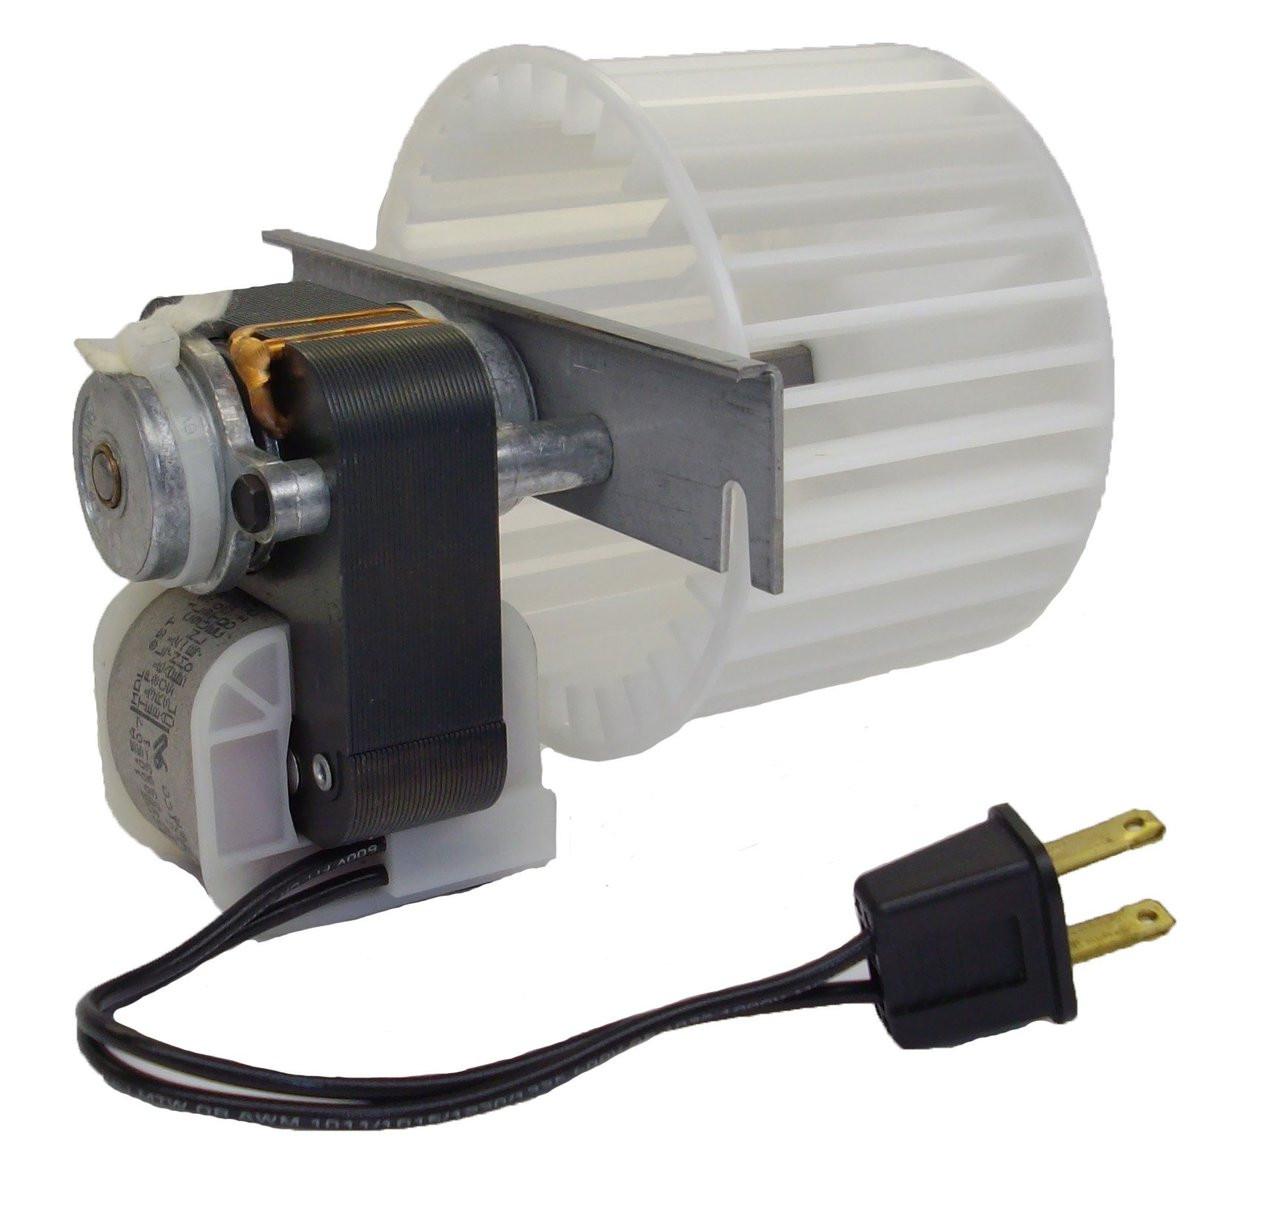 nutone kitchen exhaust fans soapstone counters broan fan motors  wow blog